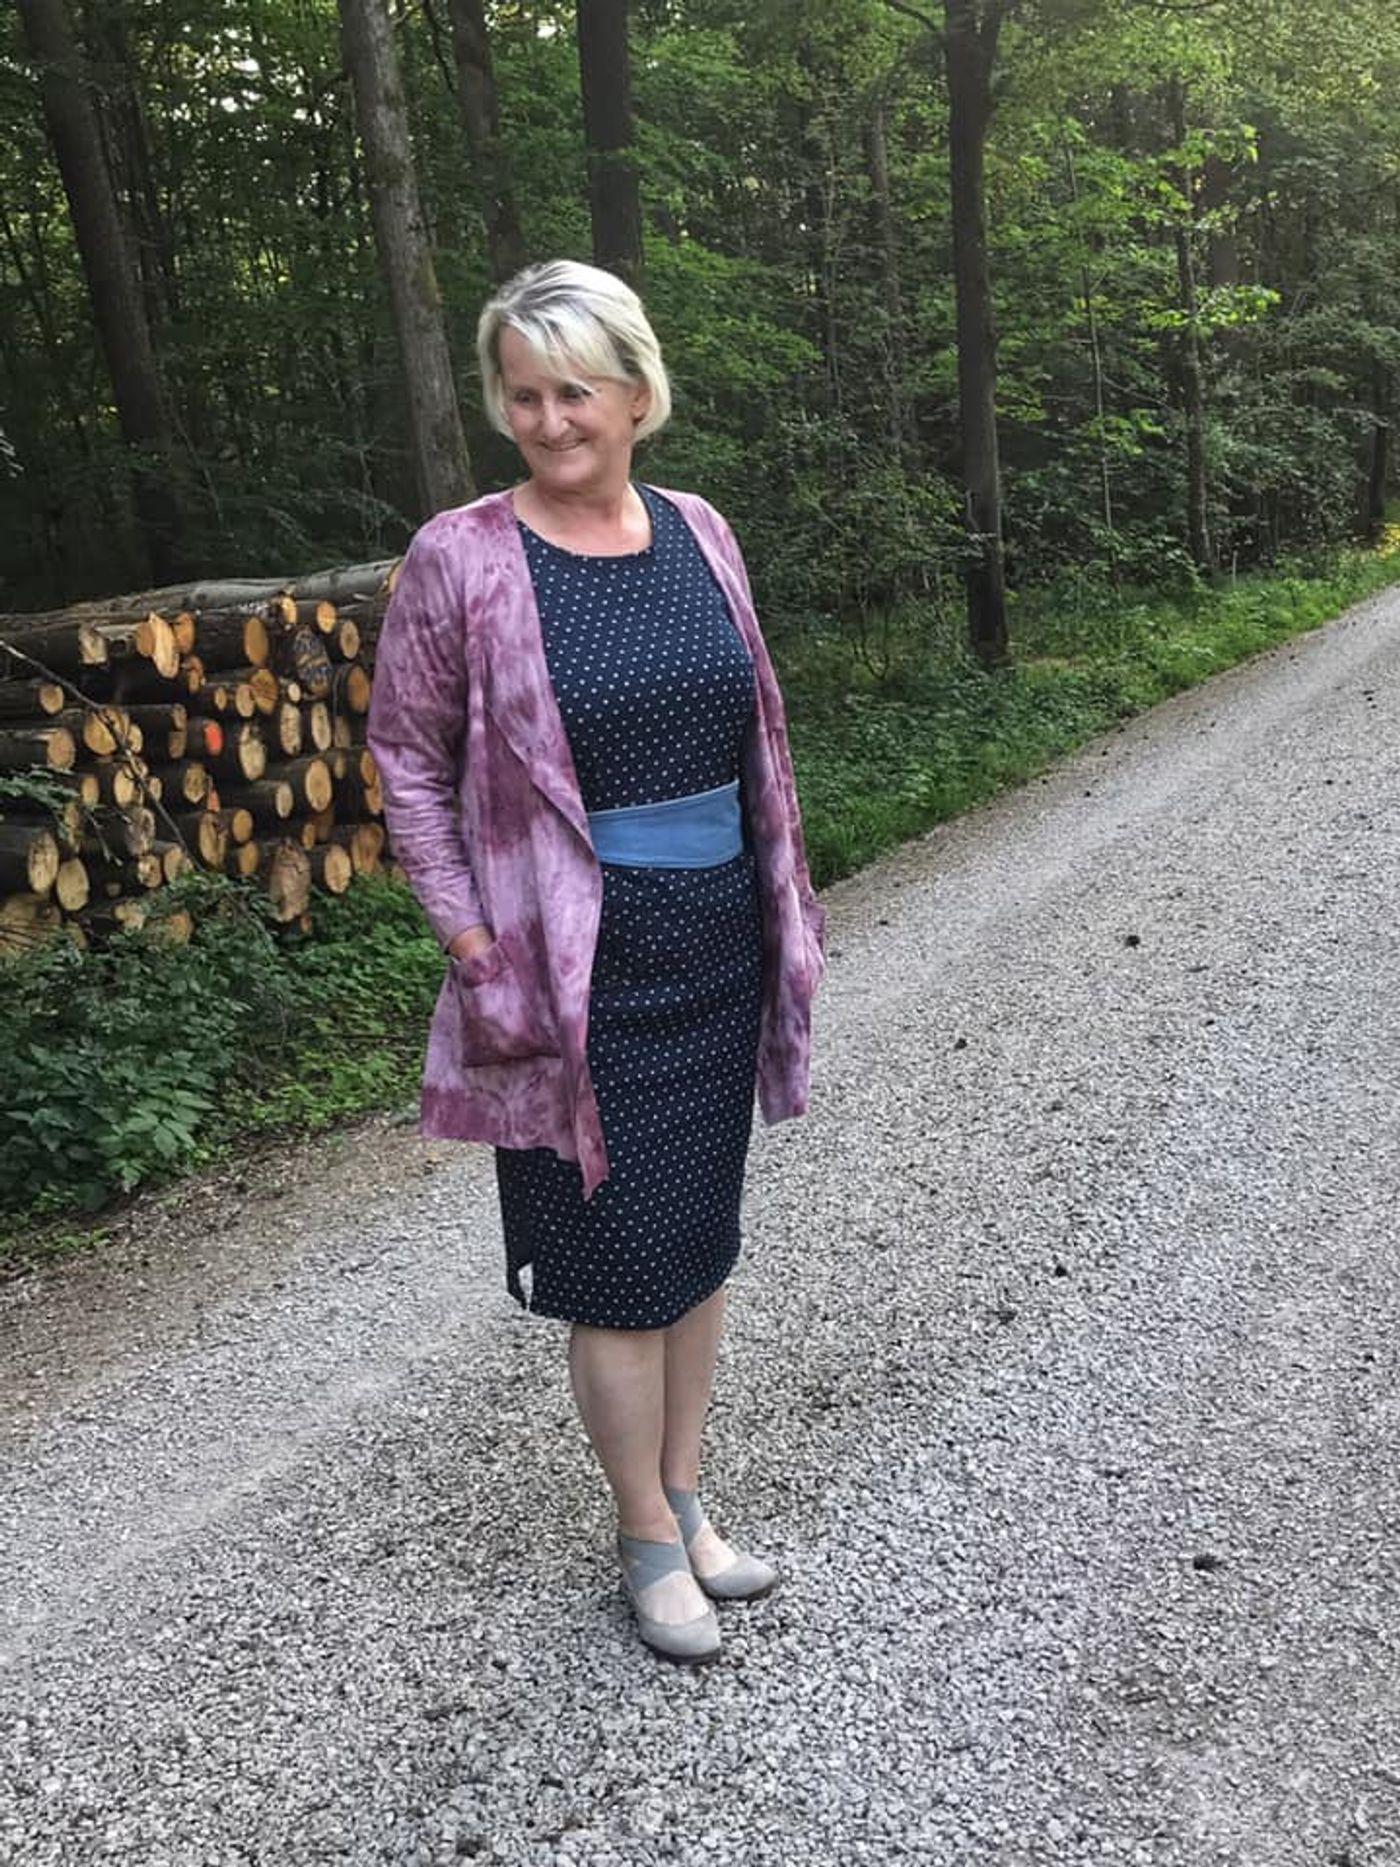 Produktfoto 1 von Unendlich schön - Design Anita Lüchtefeld für Schnittmuster Cardigan Zahra & Basicoberteil Lilie von 34 - 56